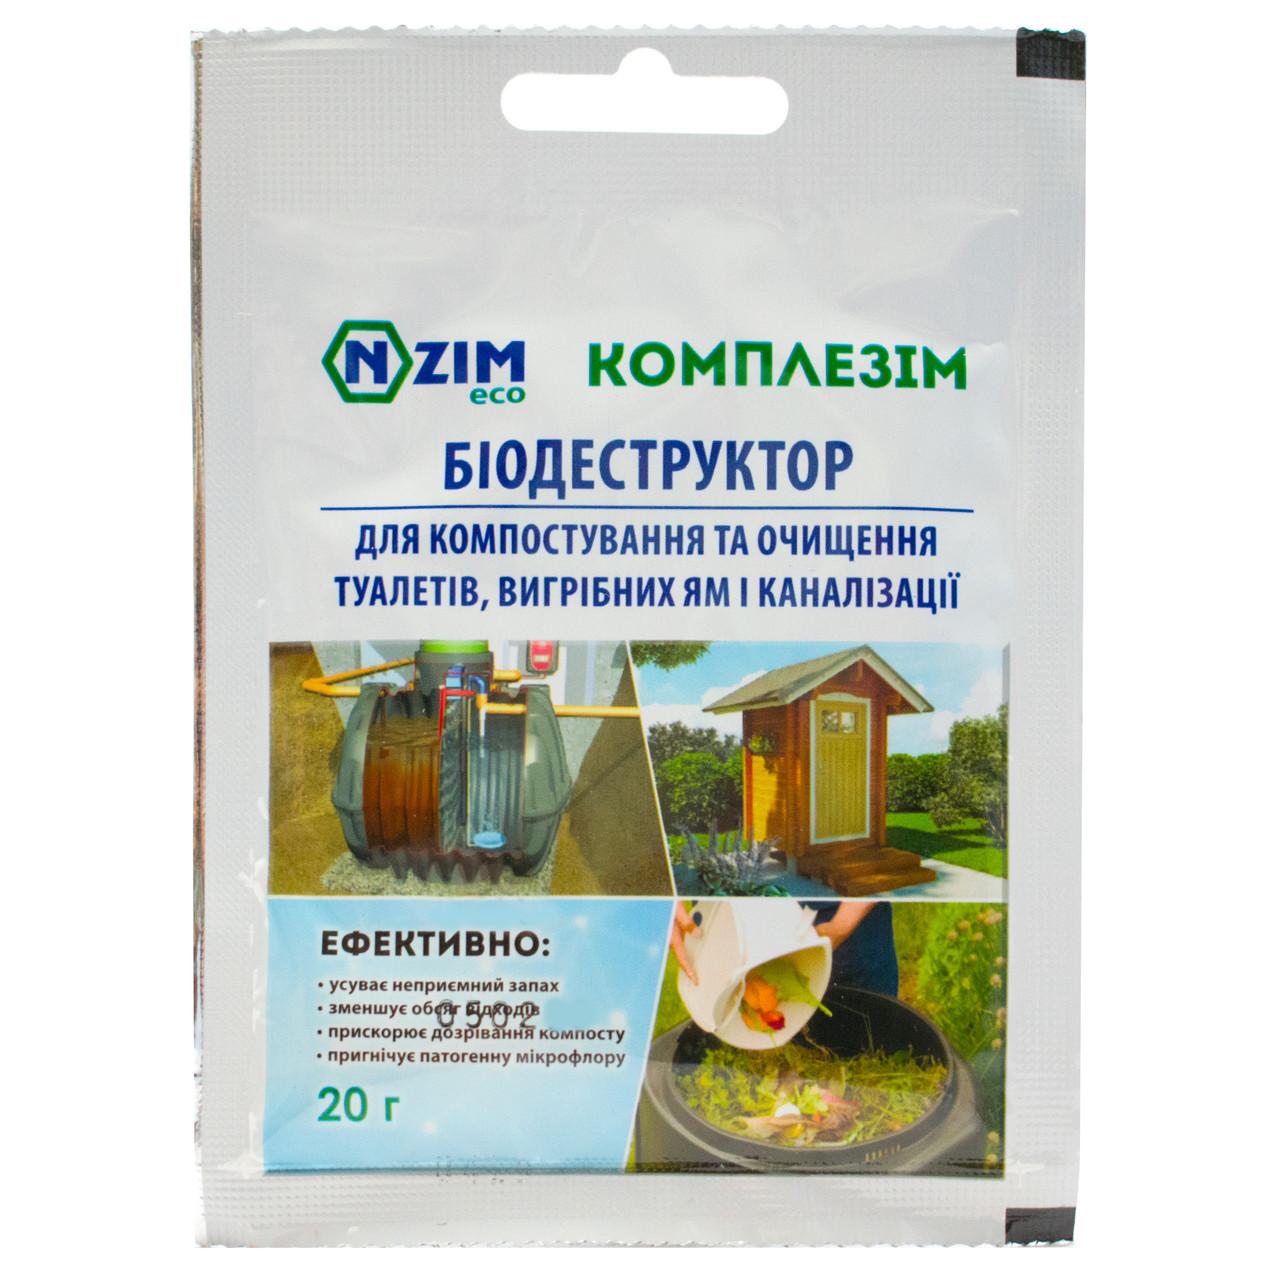 Биодеструктор Комплезим 20 г